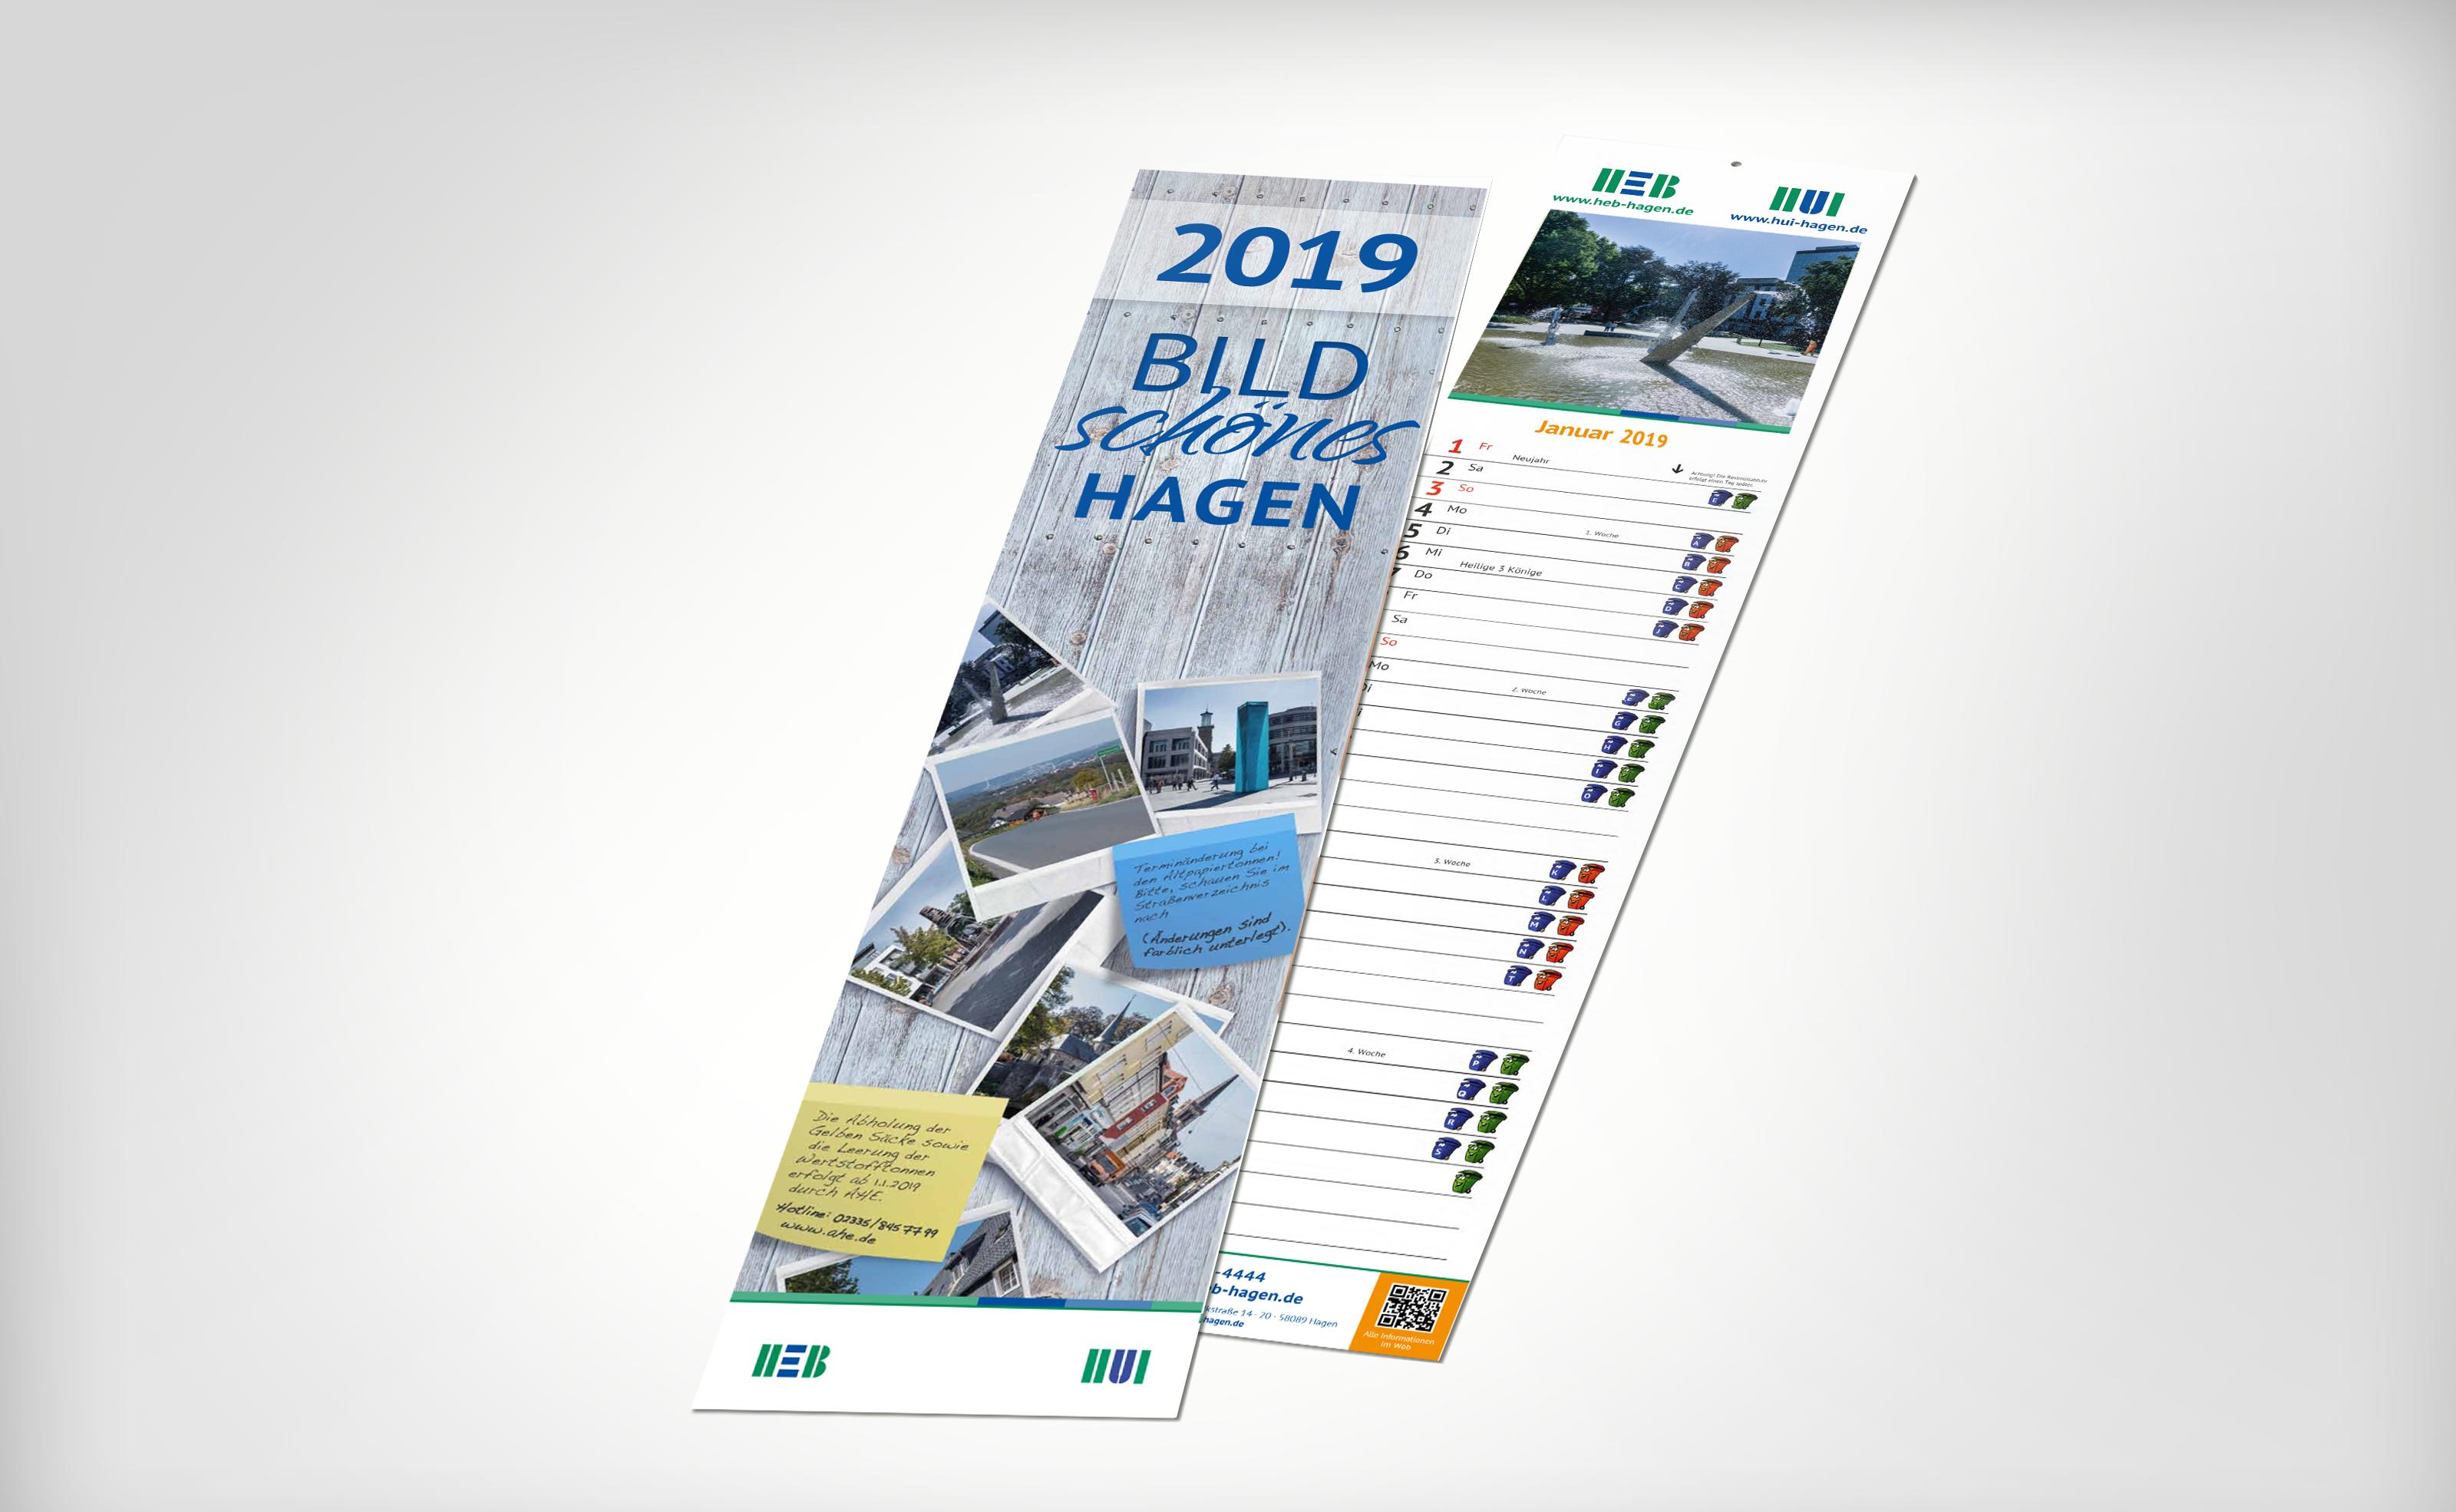 HEB Abfuhrkalender 2019